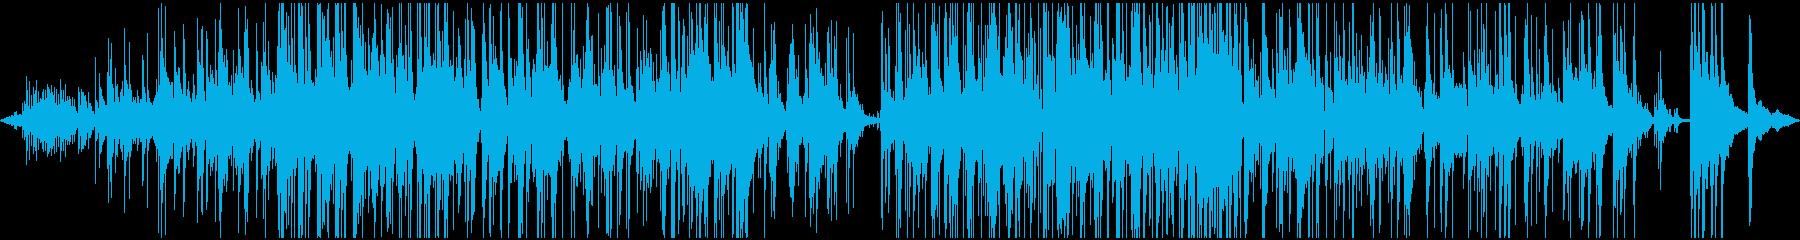 バッハのピースの平和なジャズトリー...の再生済みの波形